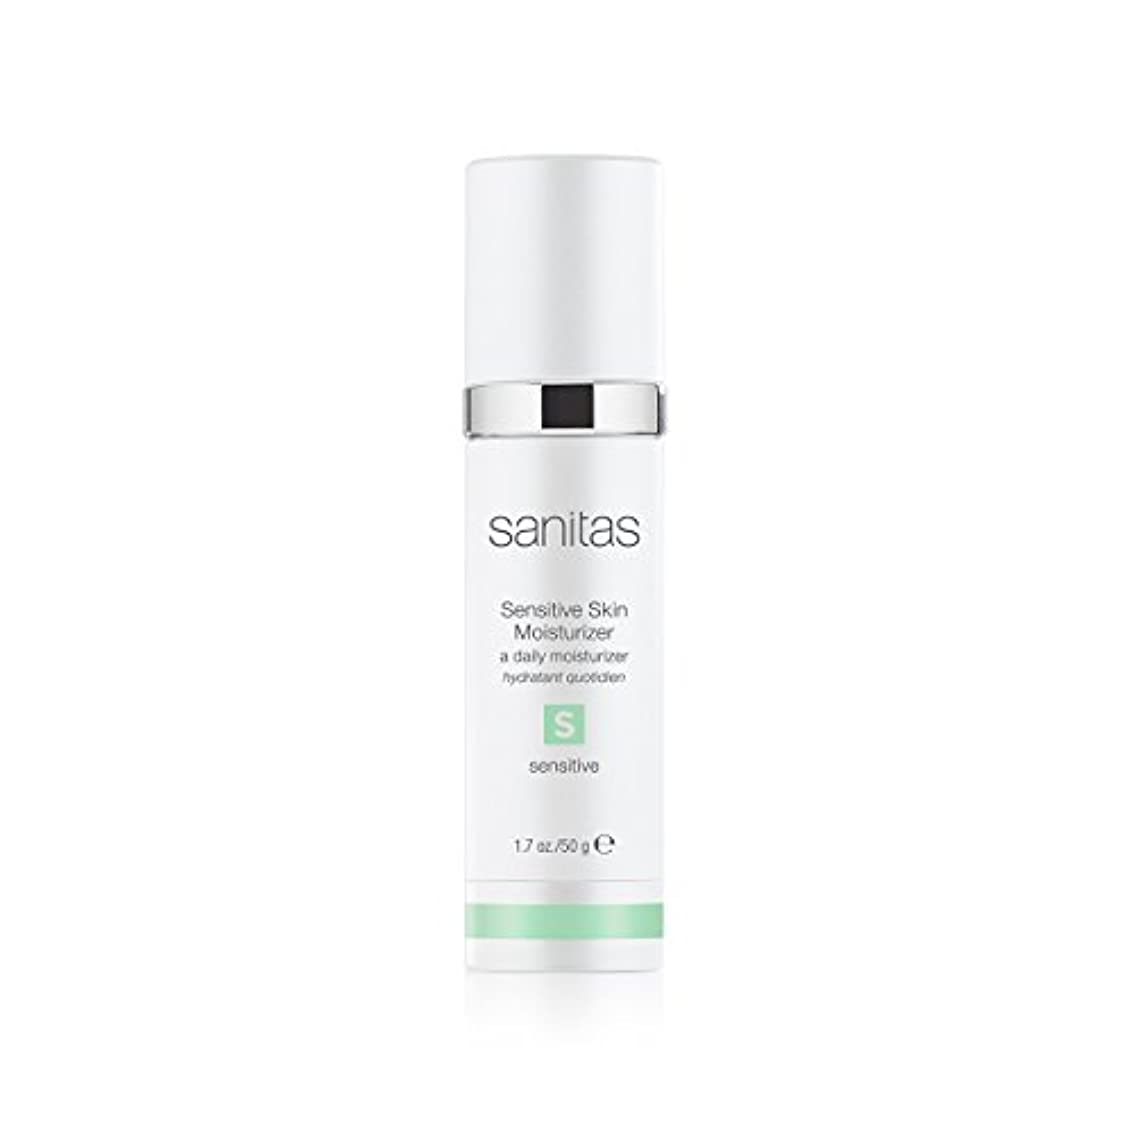 それへこみ行くSanitas Progressive Skinhealth センシティブスキンモイスチャライザー50 G